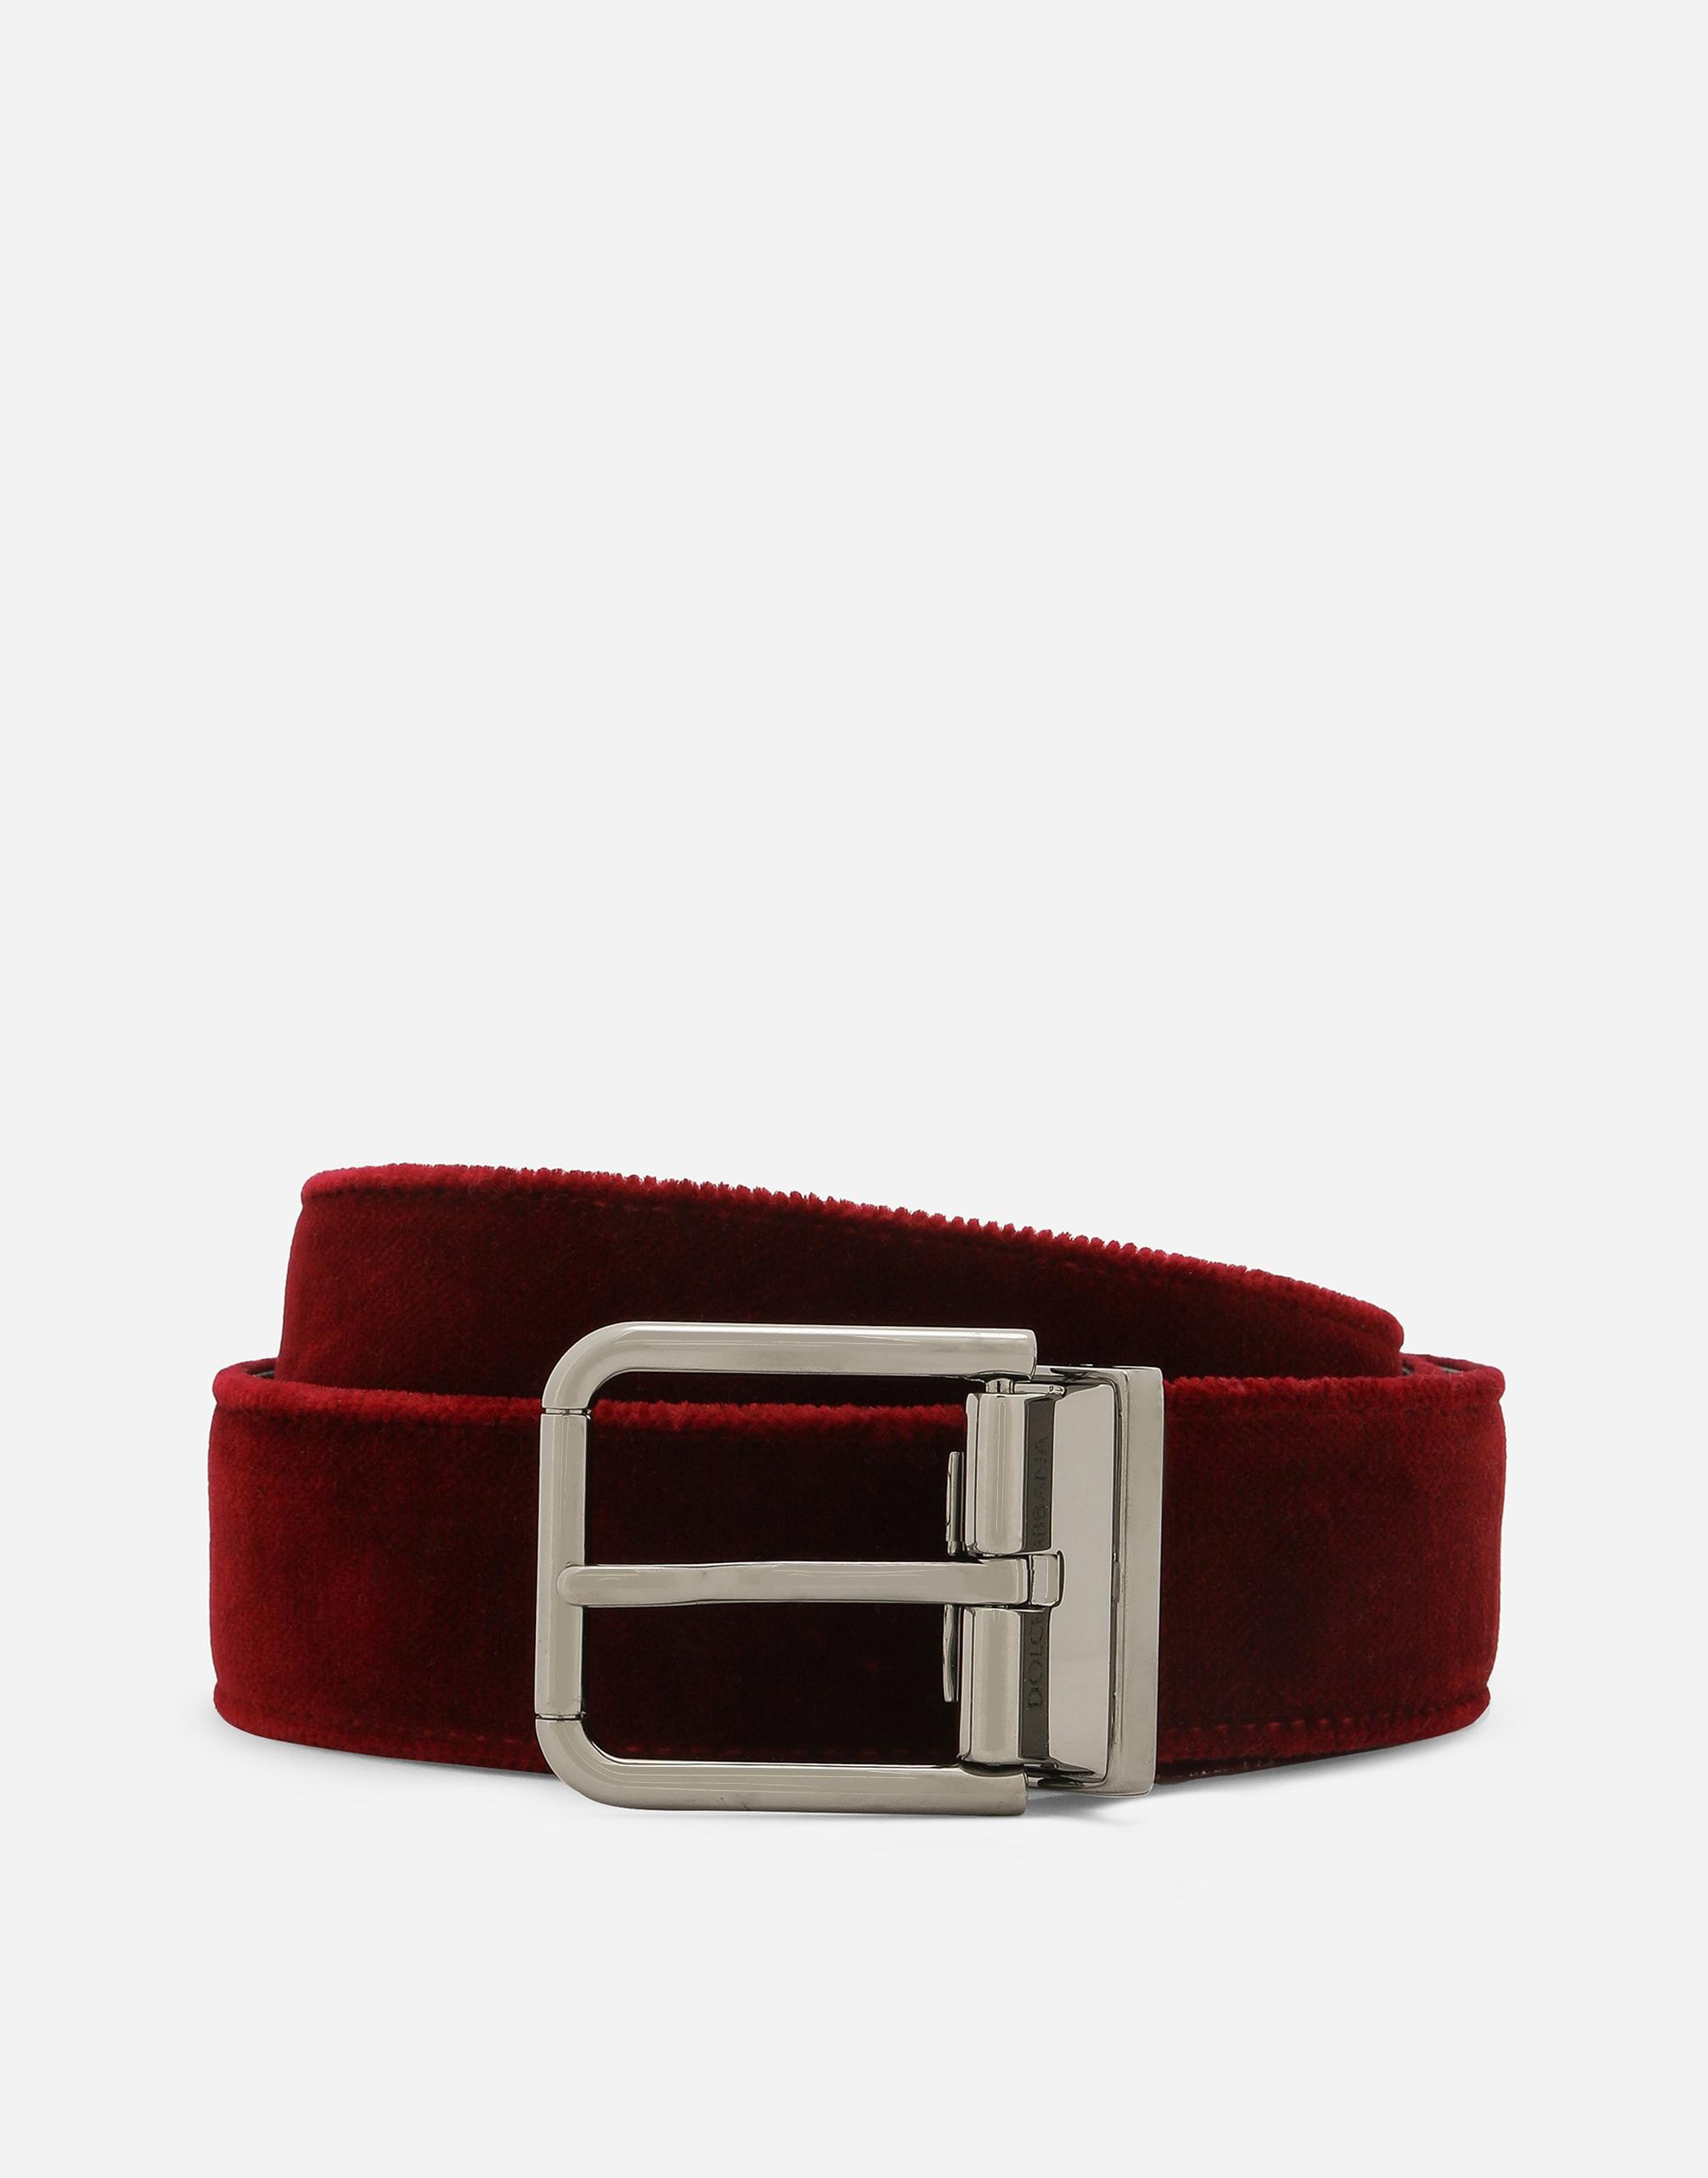 Dolce&Gabbana VELVET BELT